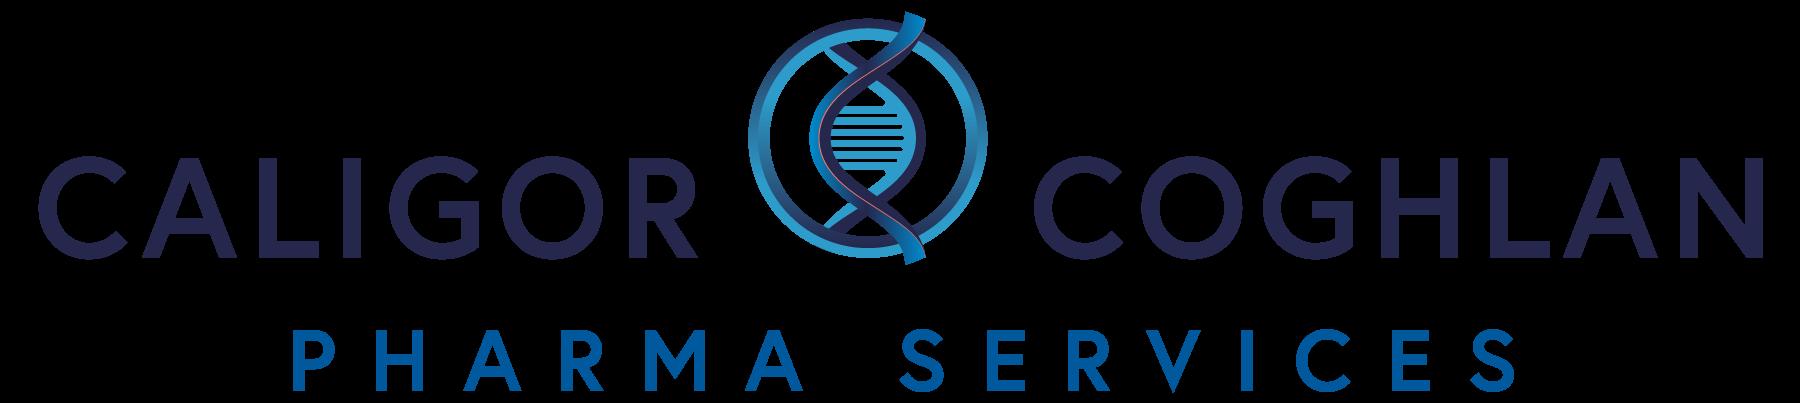 Calgor Coghlan Pharma Services